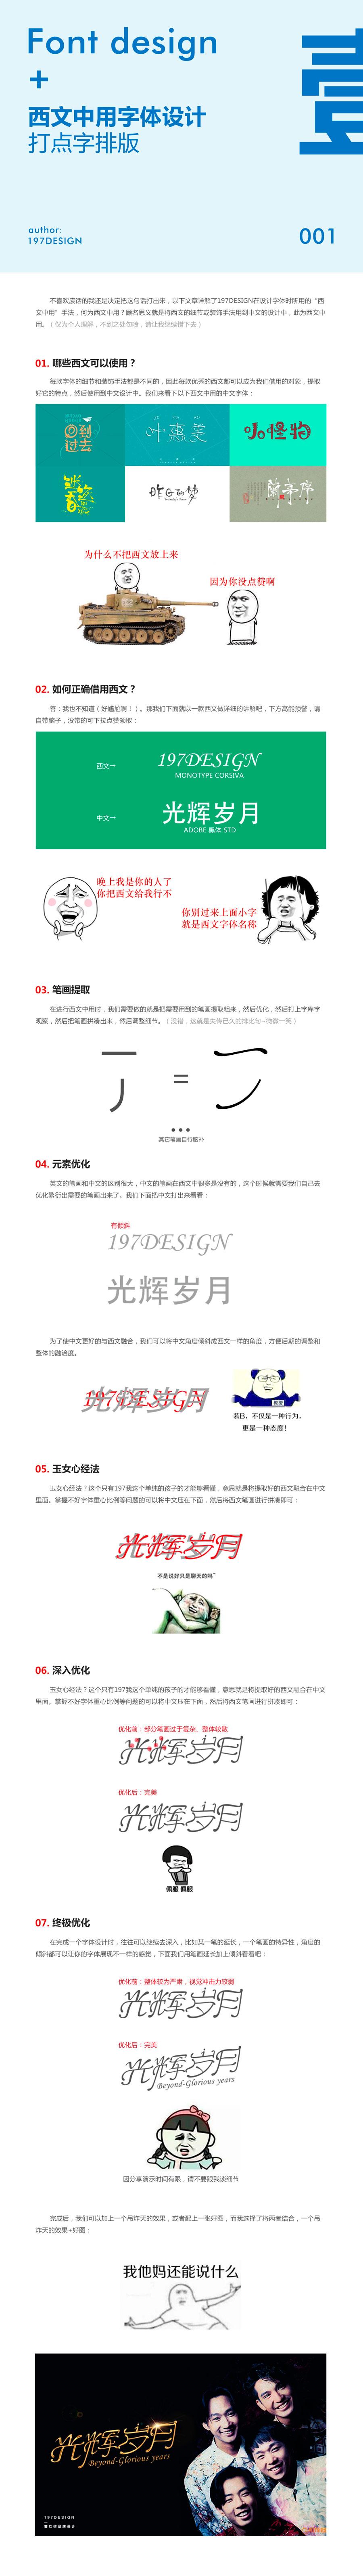 浅谈英文字体设计的排版技巧,PS教程,思缘教程网